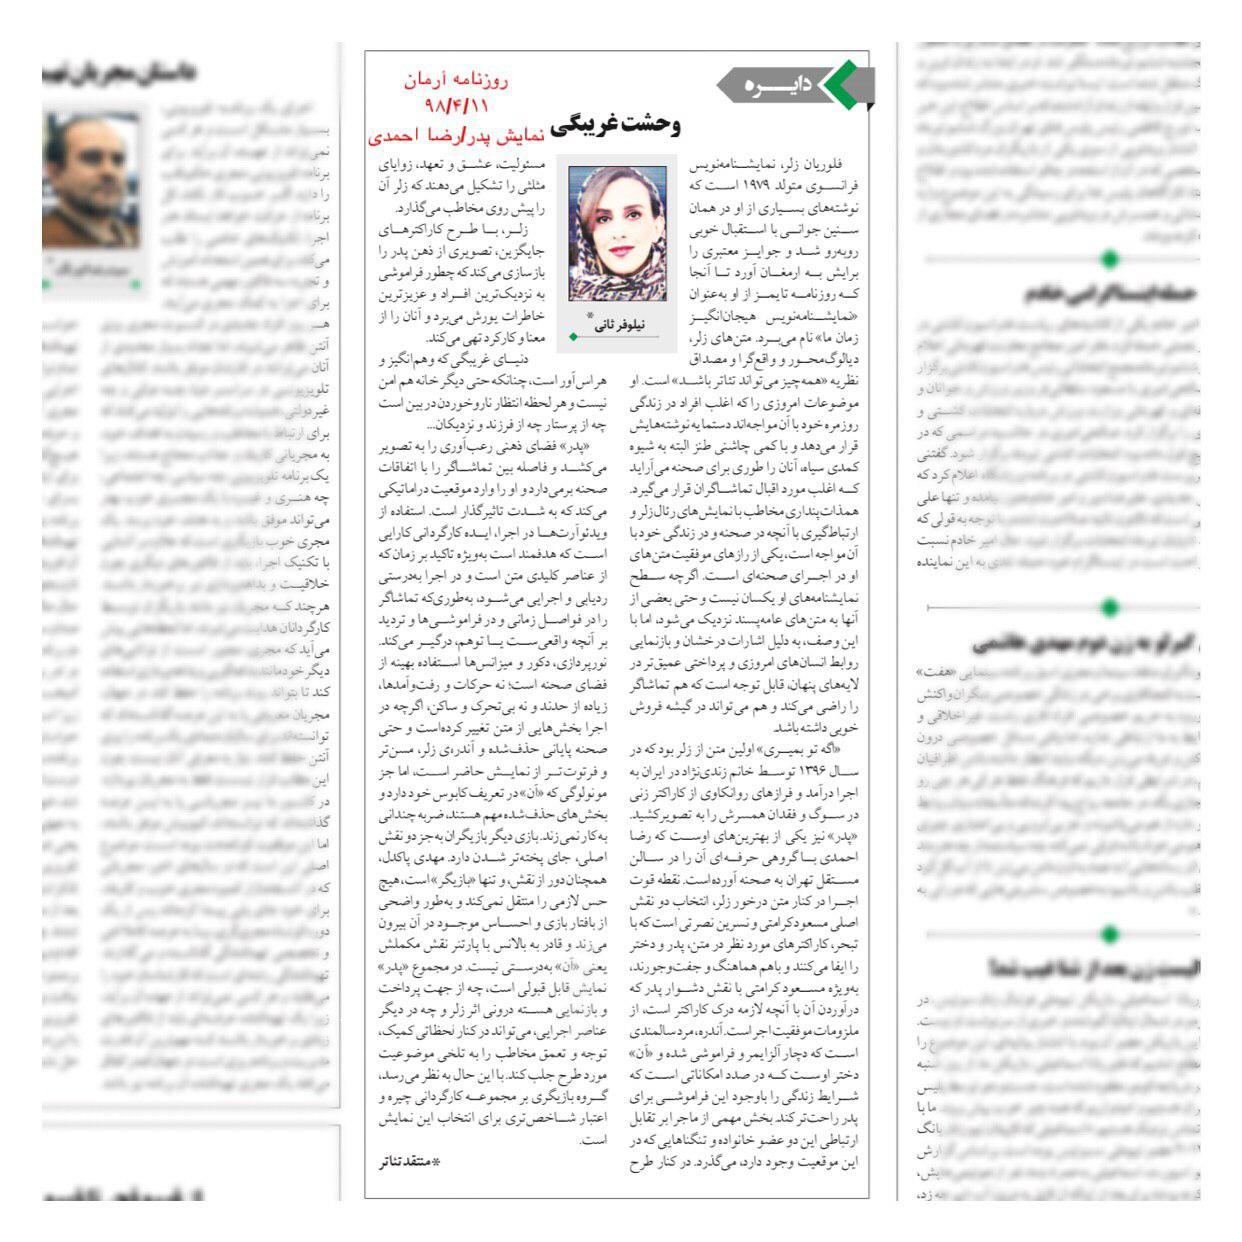 نوشته ای بر نمایش پدر/ رضا احمدی